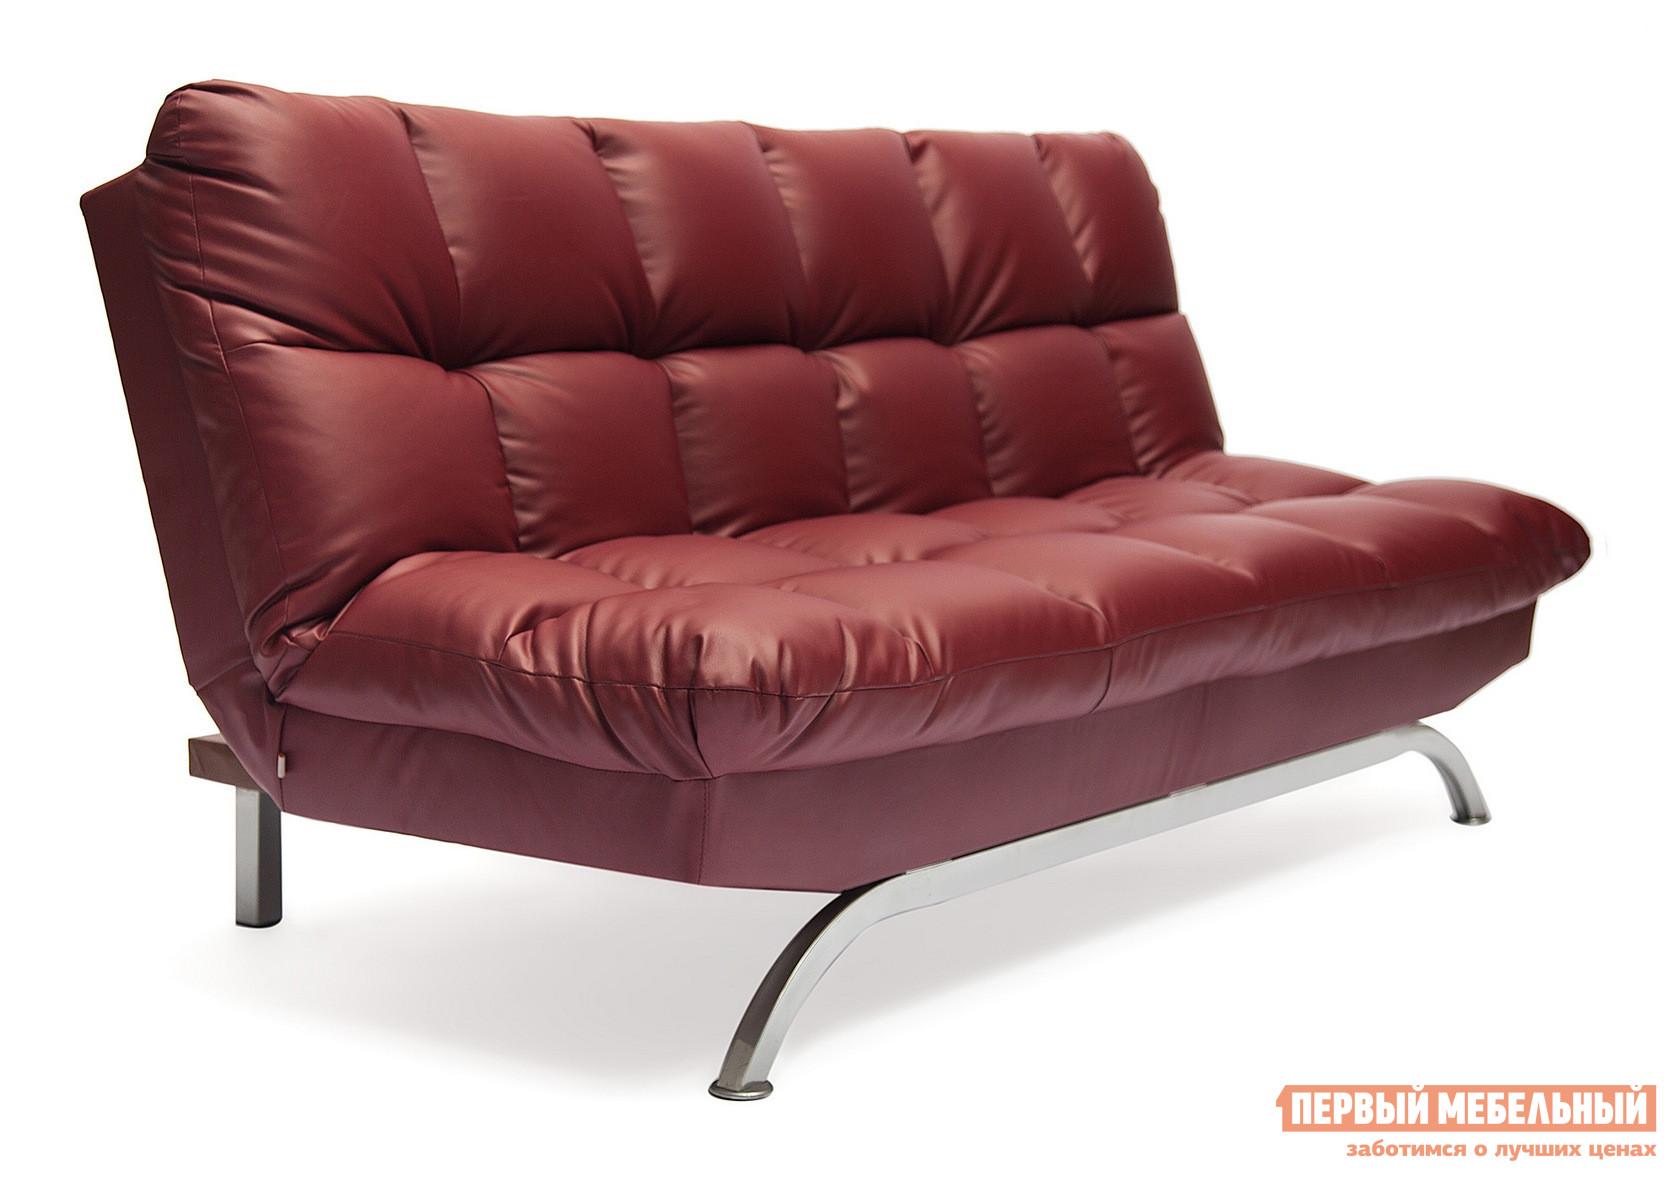 Диван Tetchair Amerillo Иск. кожа бордо PU C36-7Диваны<br>Габаритные размеры ВхШхГ 900 / 450x1800x950 / 1200 мм. Стильный раскладной диван облегченной конструкции — идеальный вариант для молодежной комнаты, квартиры-студии или гостиной в современном дизайне.  Модель имеет три варианта угла наклона спинки: сложенный, полуразложенный и полностью разложенный.  Удобная эргономика дивана обеспечит комфортный отдых и досуг.<br><br>Цвет: Иск. кожа бордо PU C36-7<br>Цвет: Красный<br>Высота мм: 900 / 450<br>Ширина мм: 1800<br>Глубина мм: 950 / 1200<br>Кол-во упаковок: 1<br>Форма поставки: В разобранном виде<br>Срок гарантии: 1 год<br>Тип: Прямые, Раскладные<br>Материал: из искусственной кожи